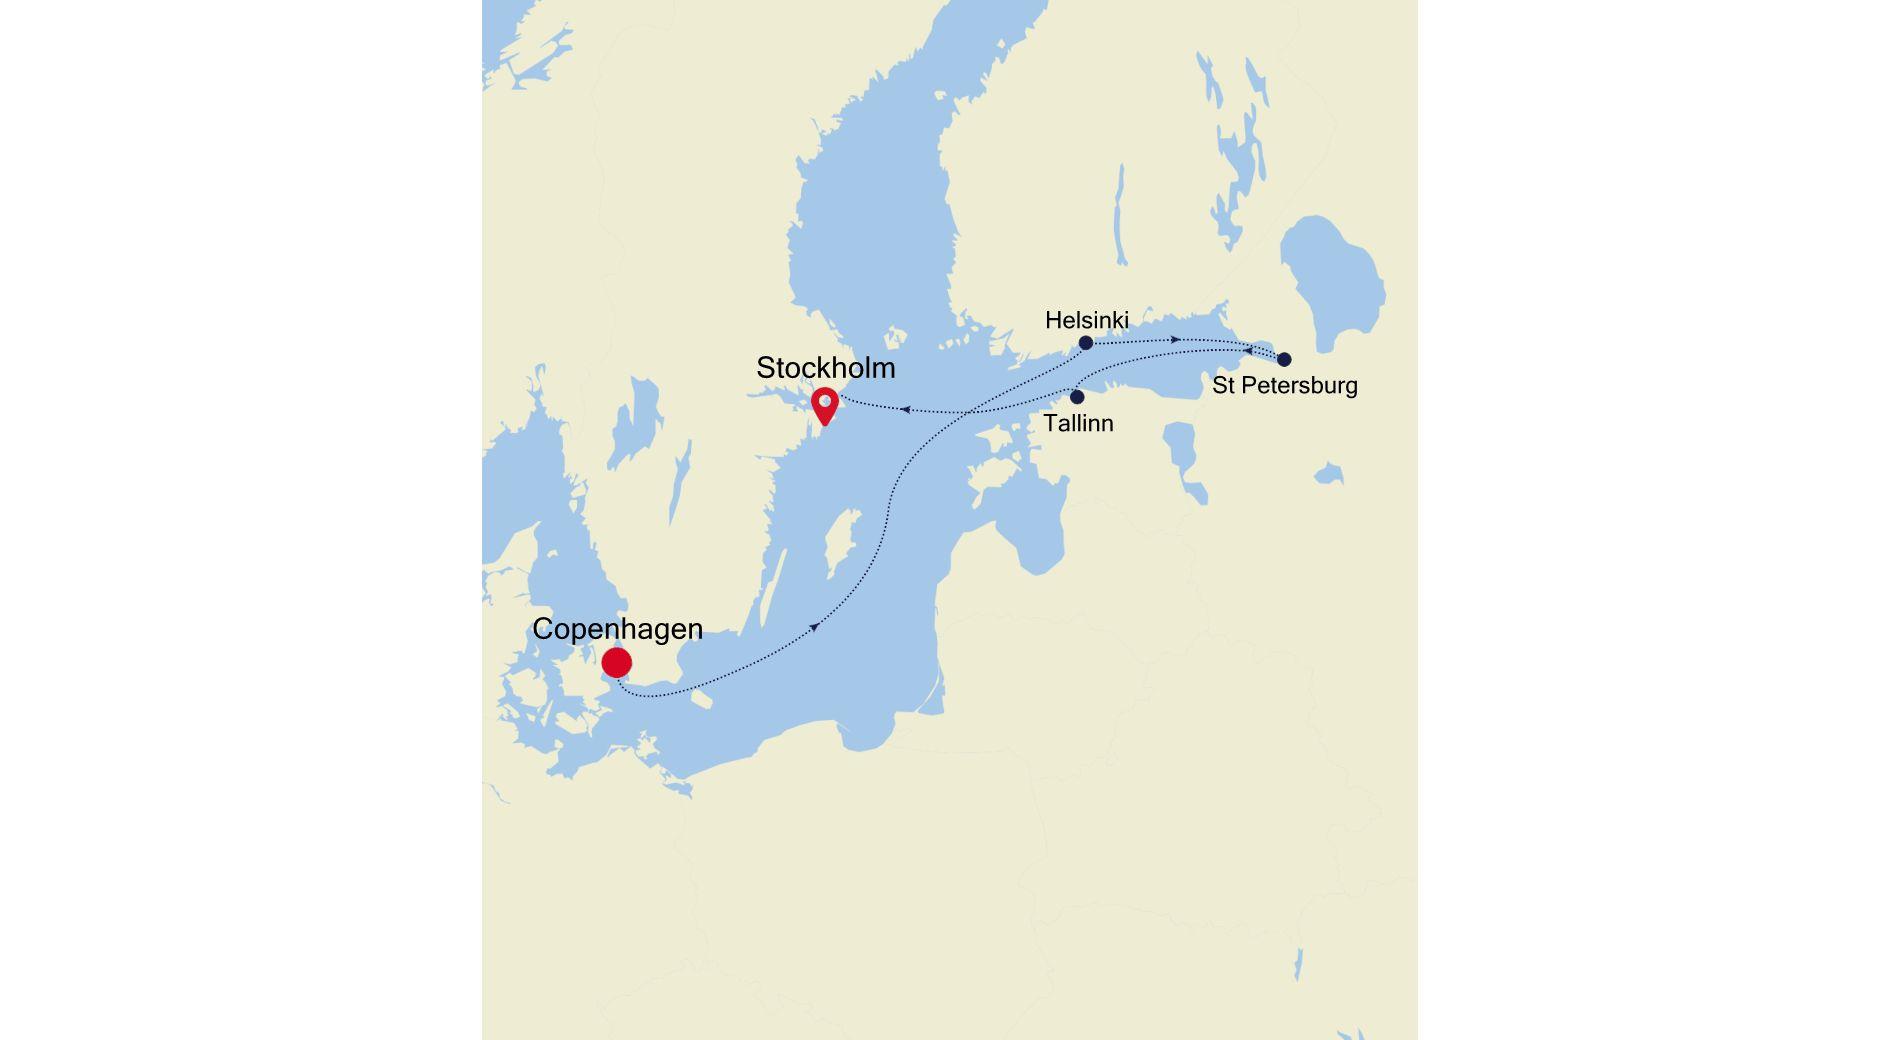 SL210716007 - Copenhagen nach Stockholm